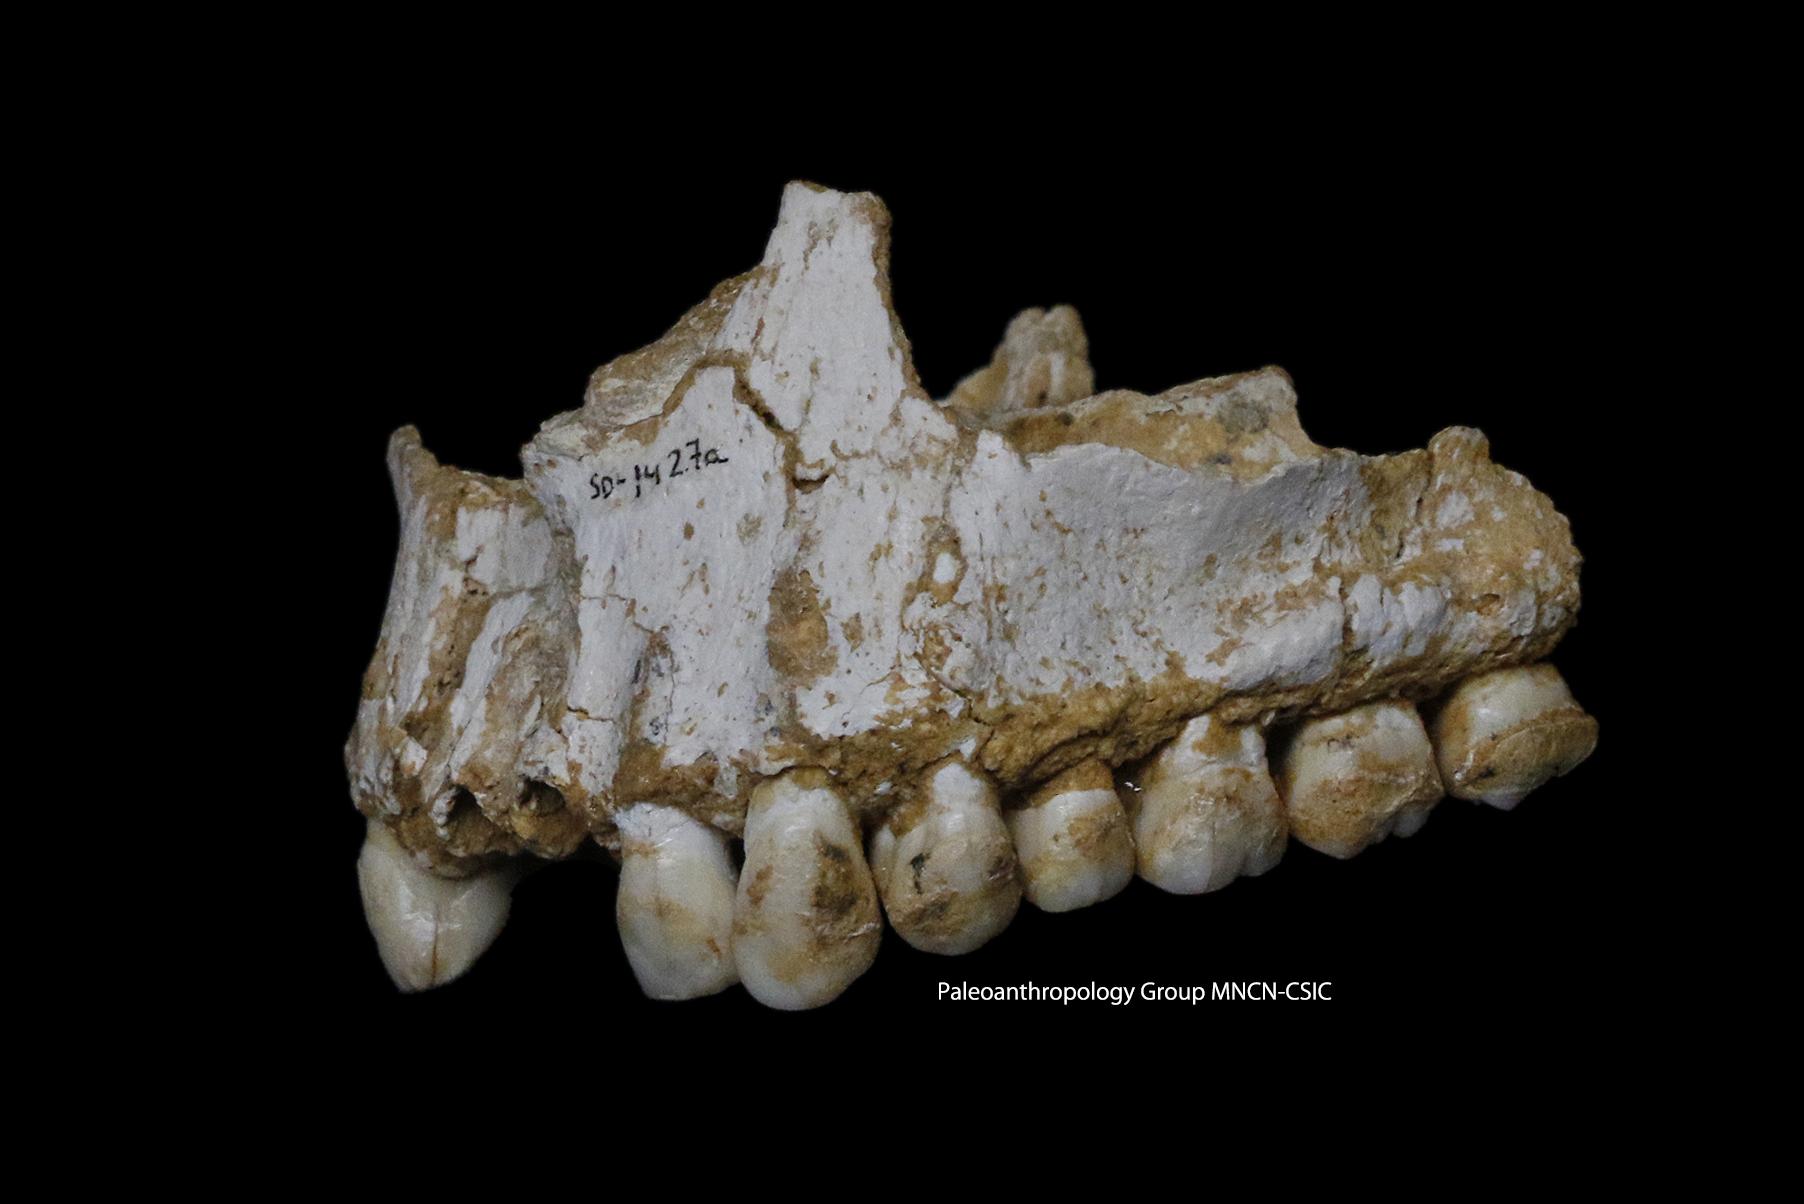 Ανέλυσαν DNA από μασέλα Νεάντερταλ και βρήκαν ίχνη ασπιρίνης! [εικόνα] - Εικόνα